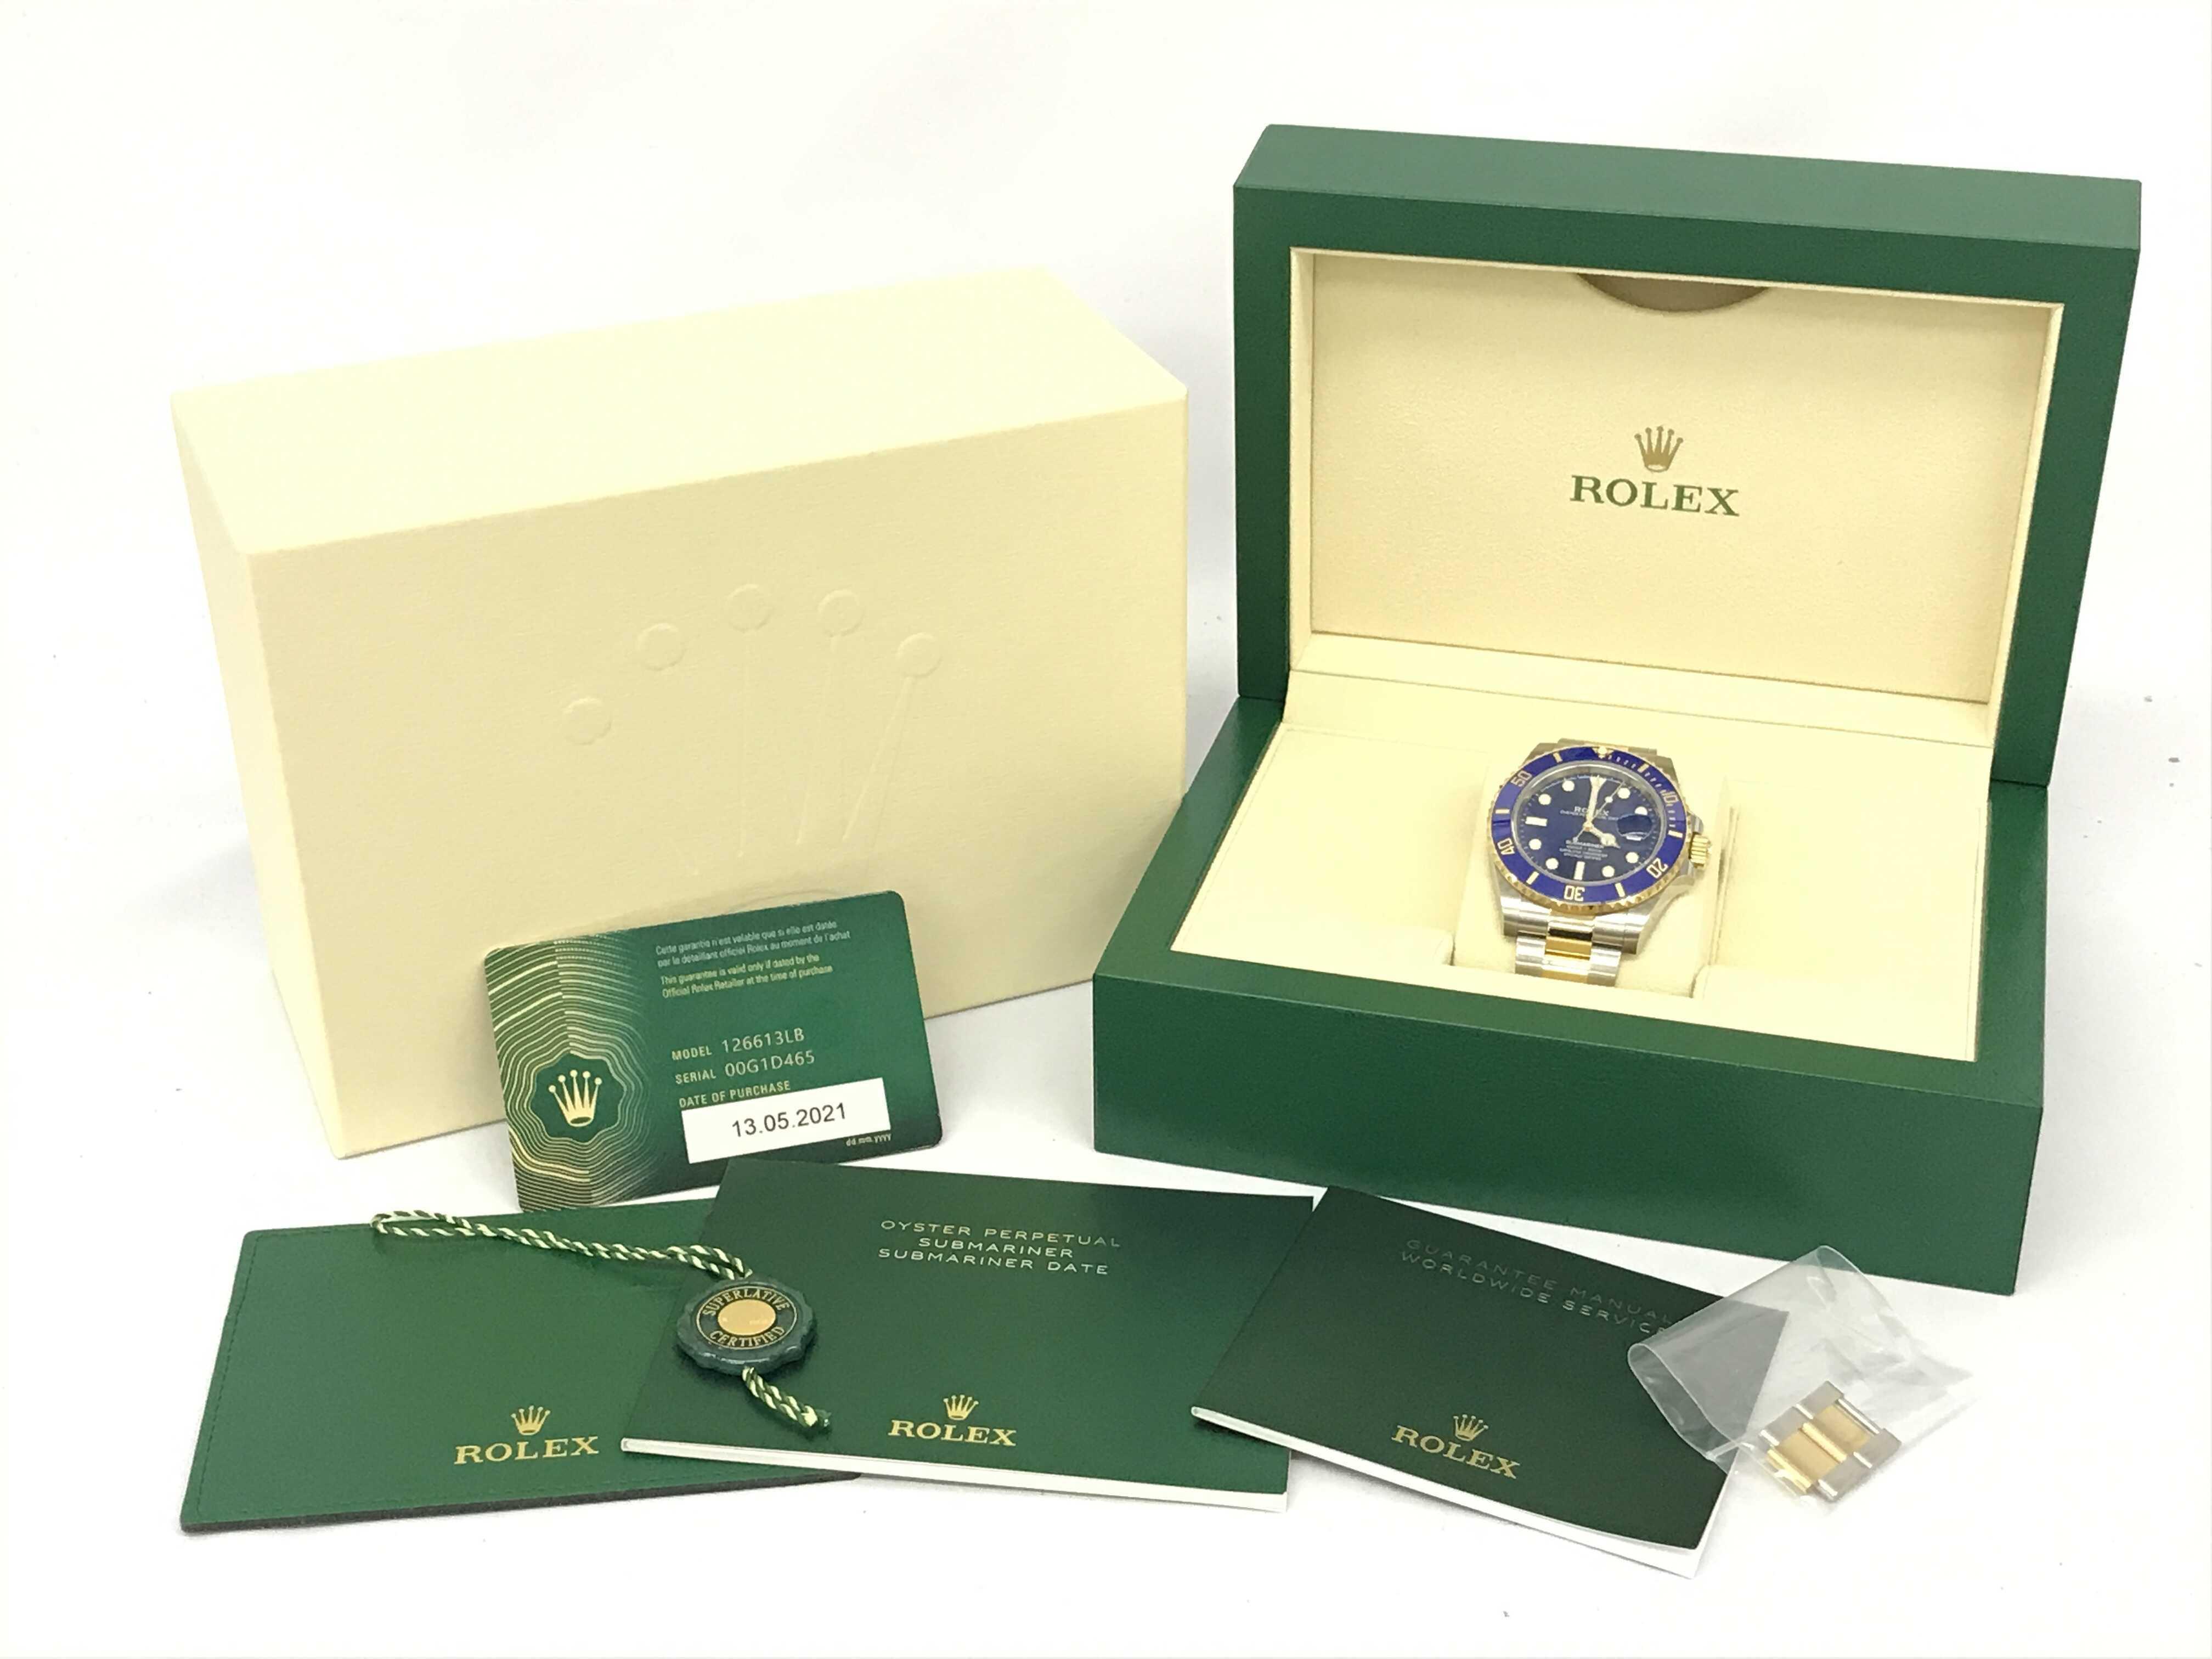 (1630_0307)ロレックス 126613LB 00G1D465 メンズ腕時計